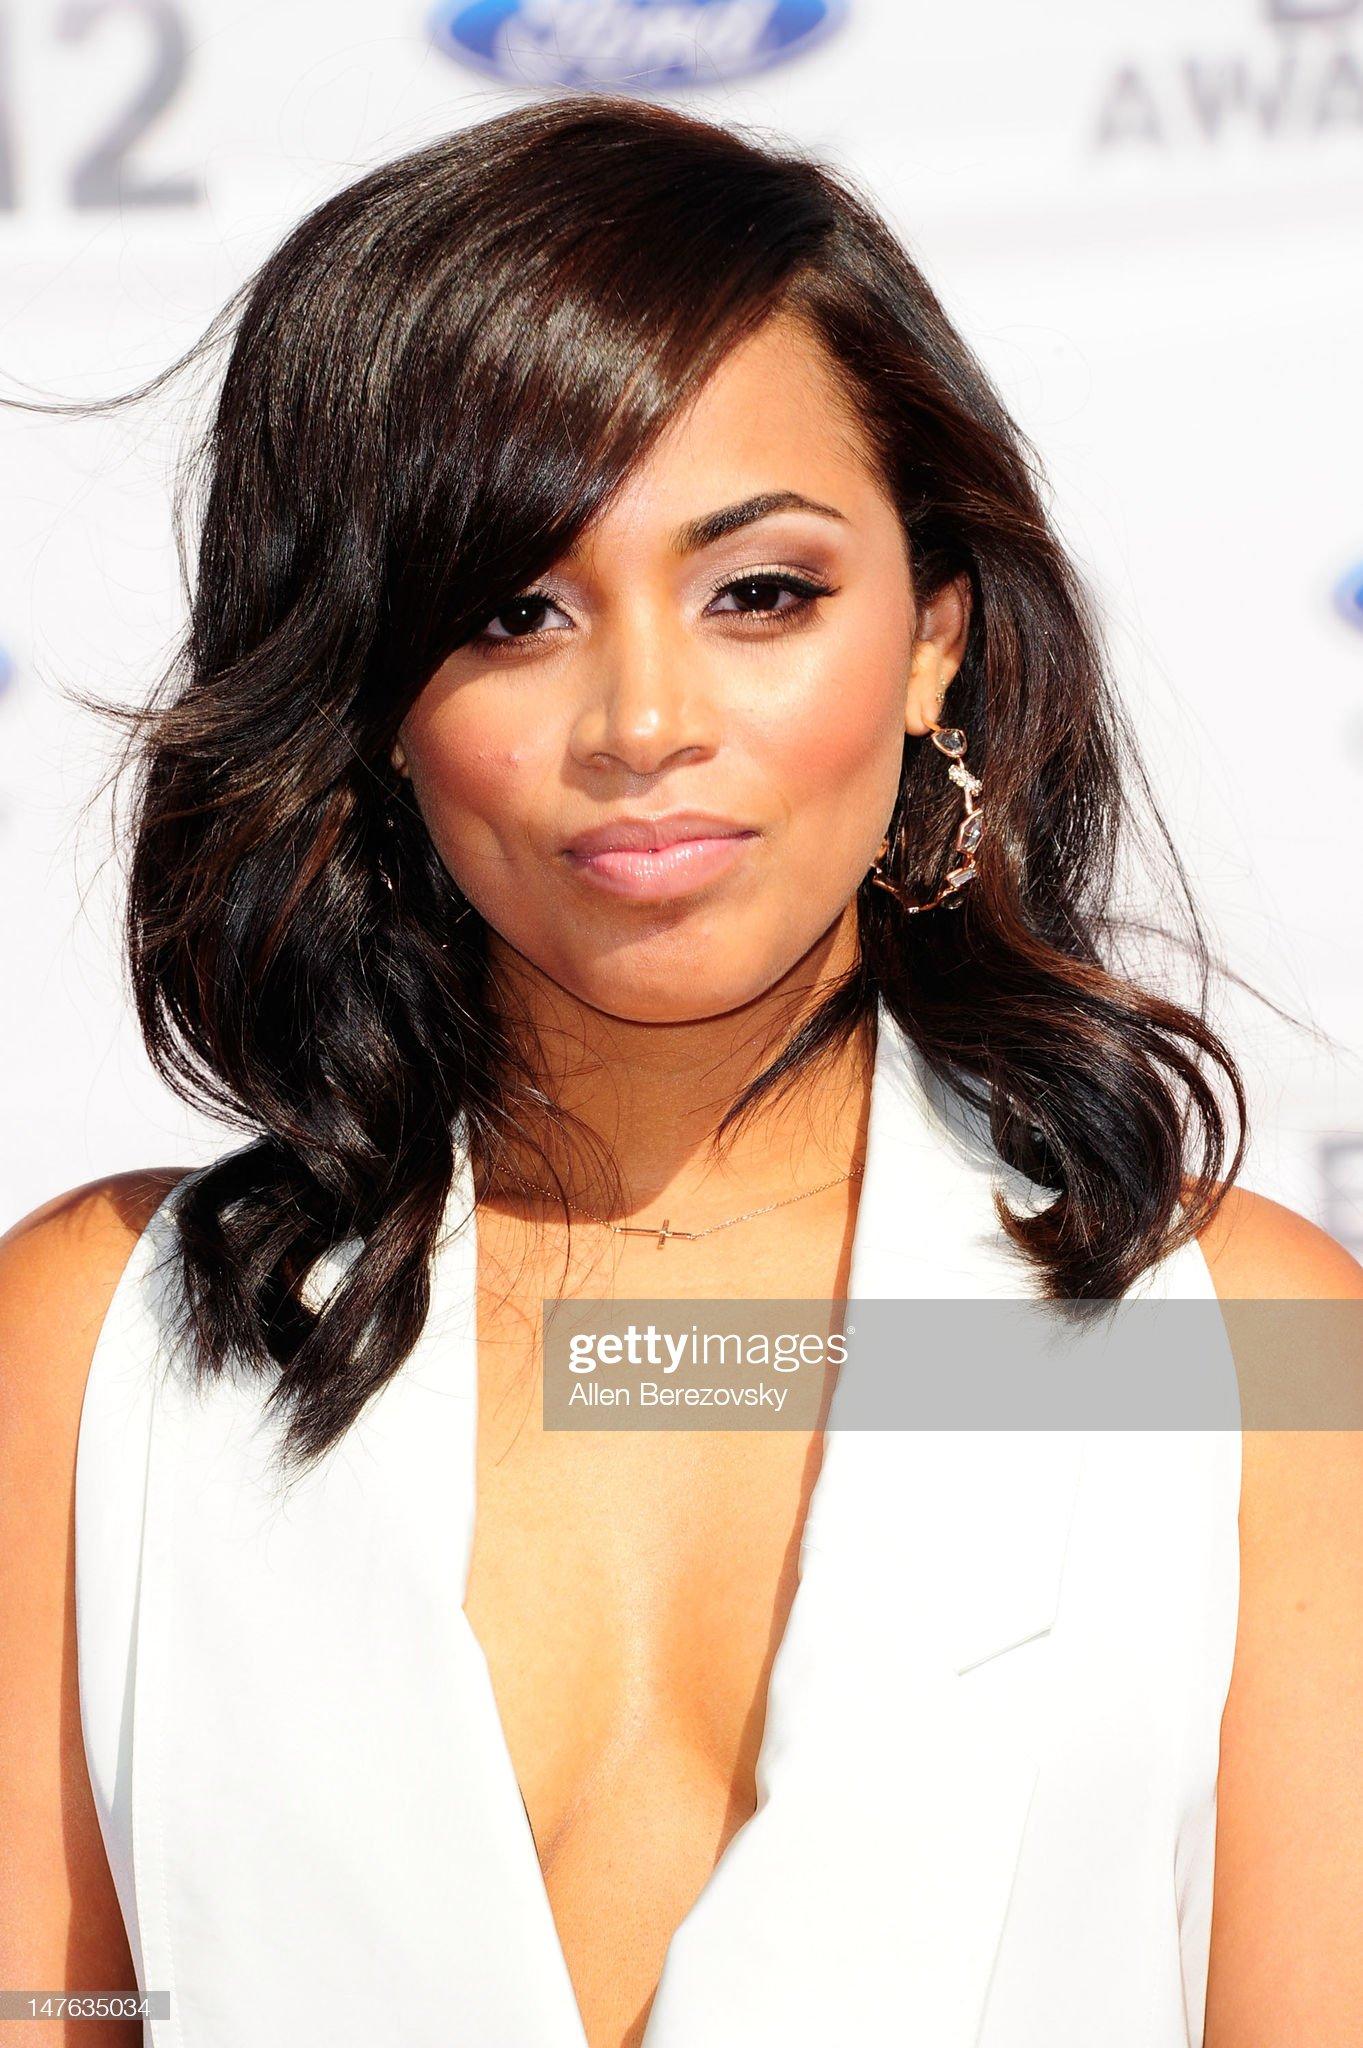 DEBATE sobre belleza, guapura y hermosura (fotos de chicas latinas, mestizas, y de todo) - VOL II - Página 9 Actress-lauren-london-arrives-at-the-2012-bet-awards-at-the-shrine-picture-id147635034?s=2048x2048